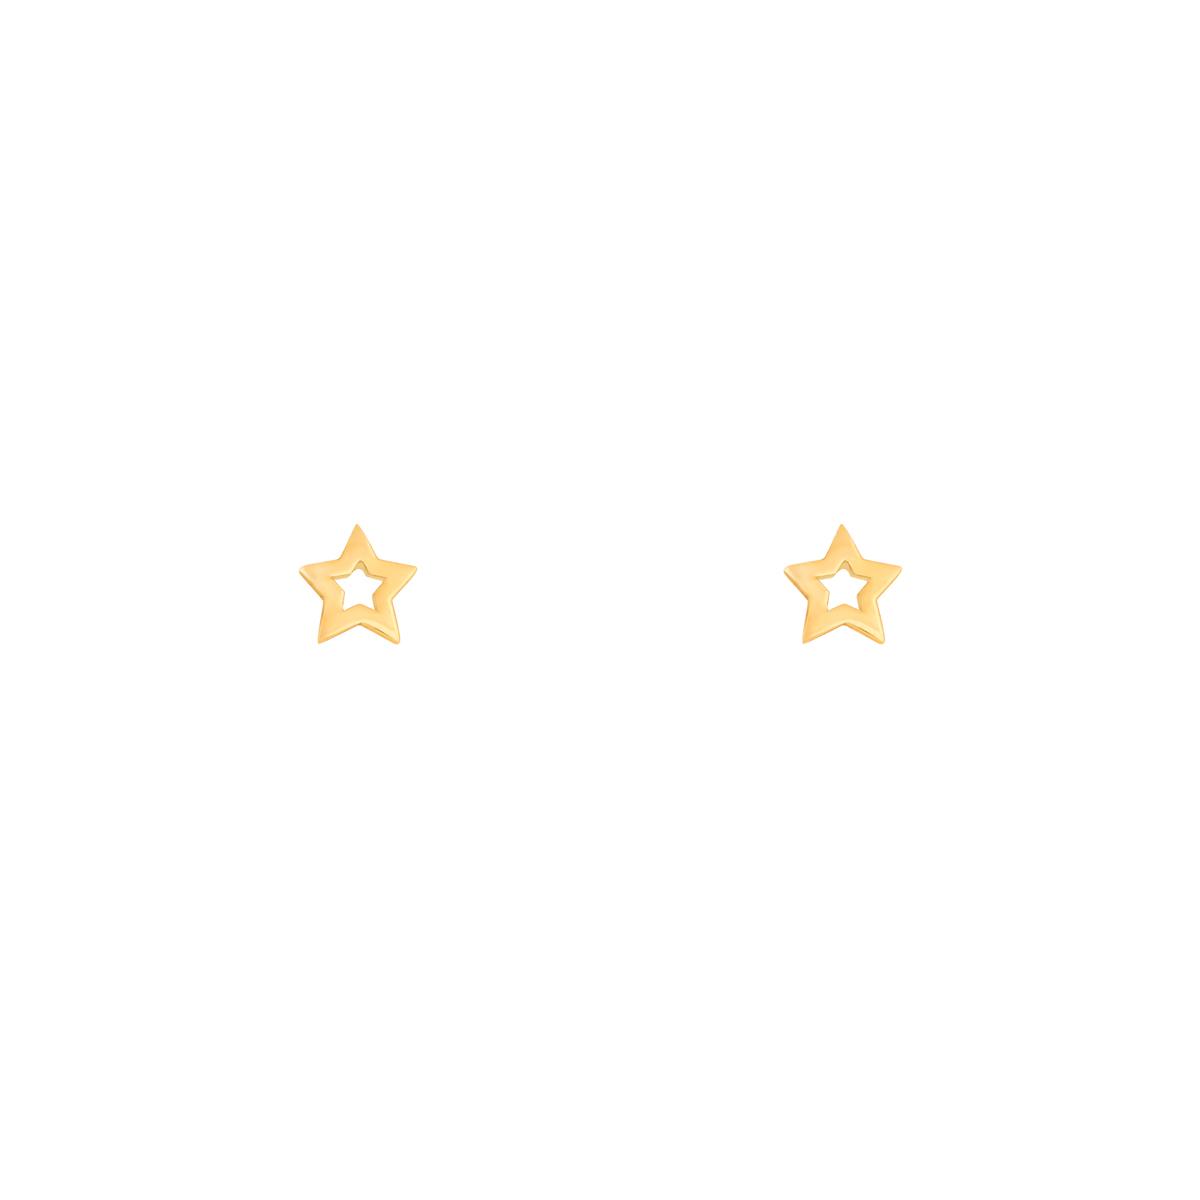 گوشواره طلا ستاره توخالی